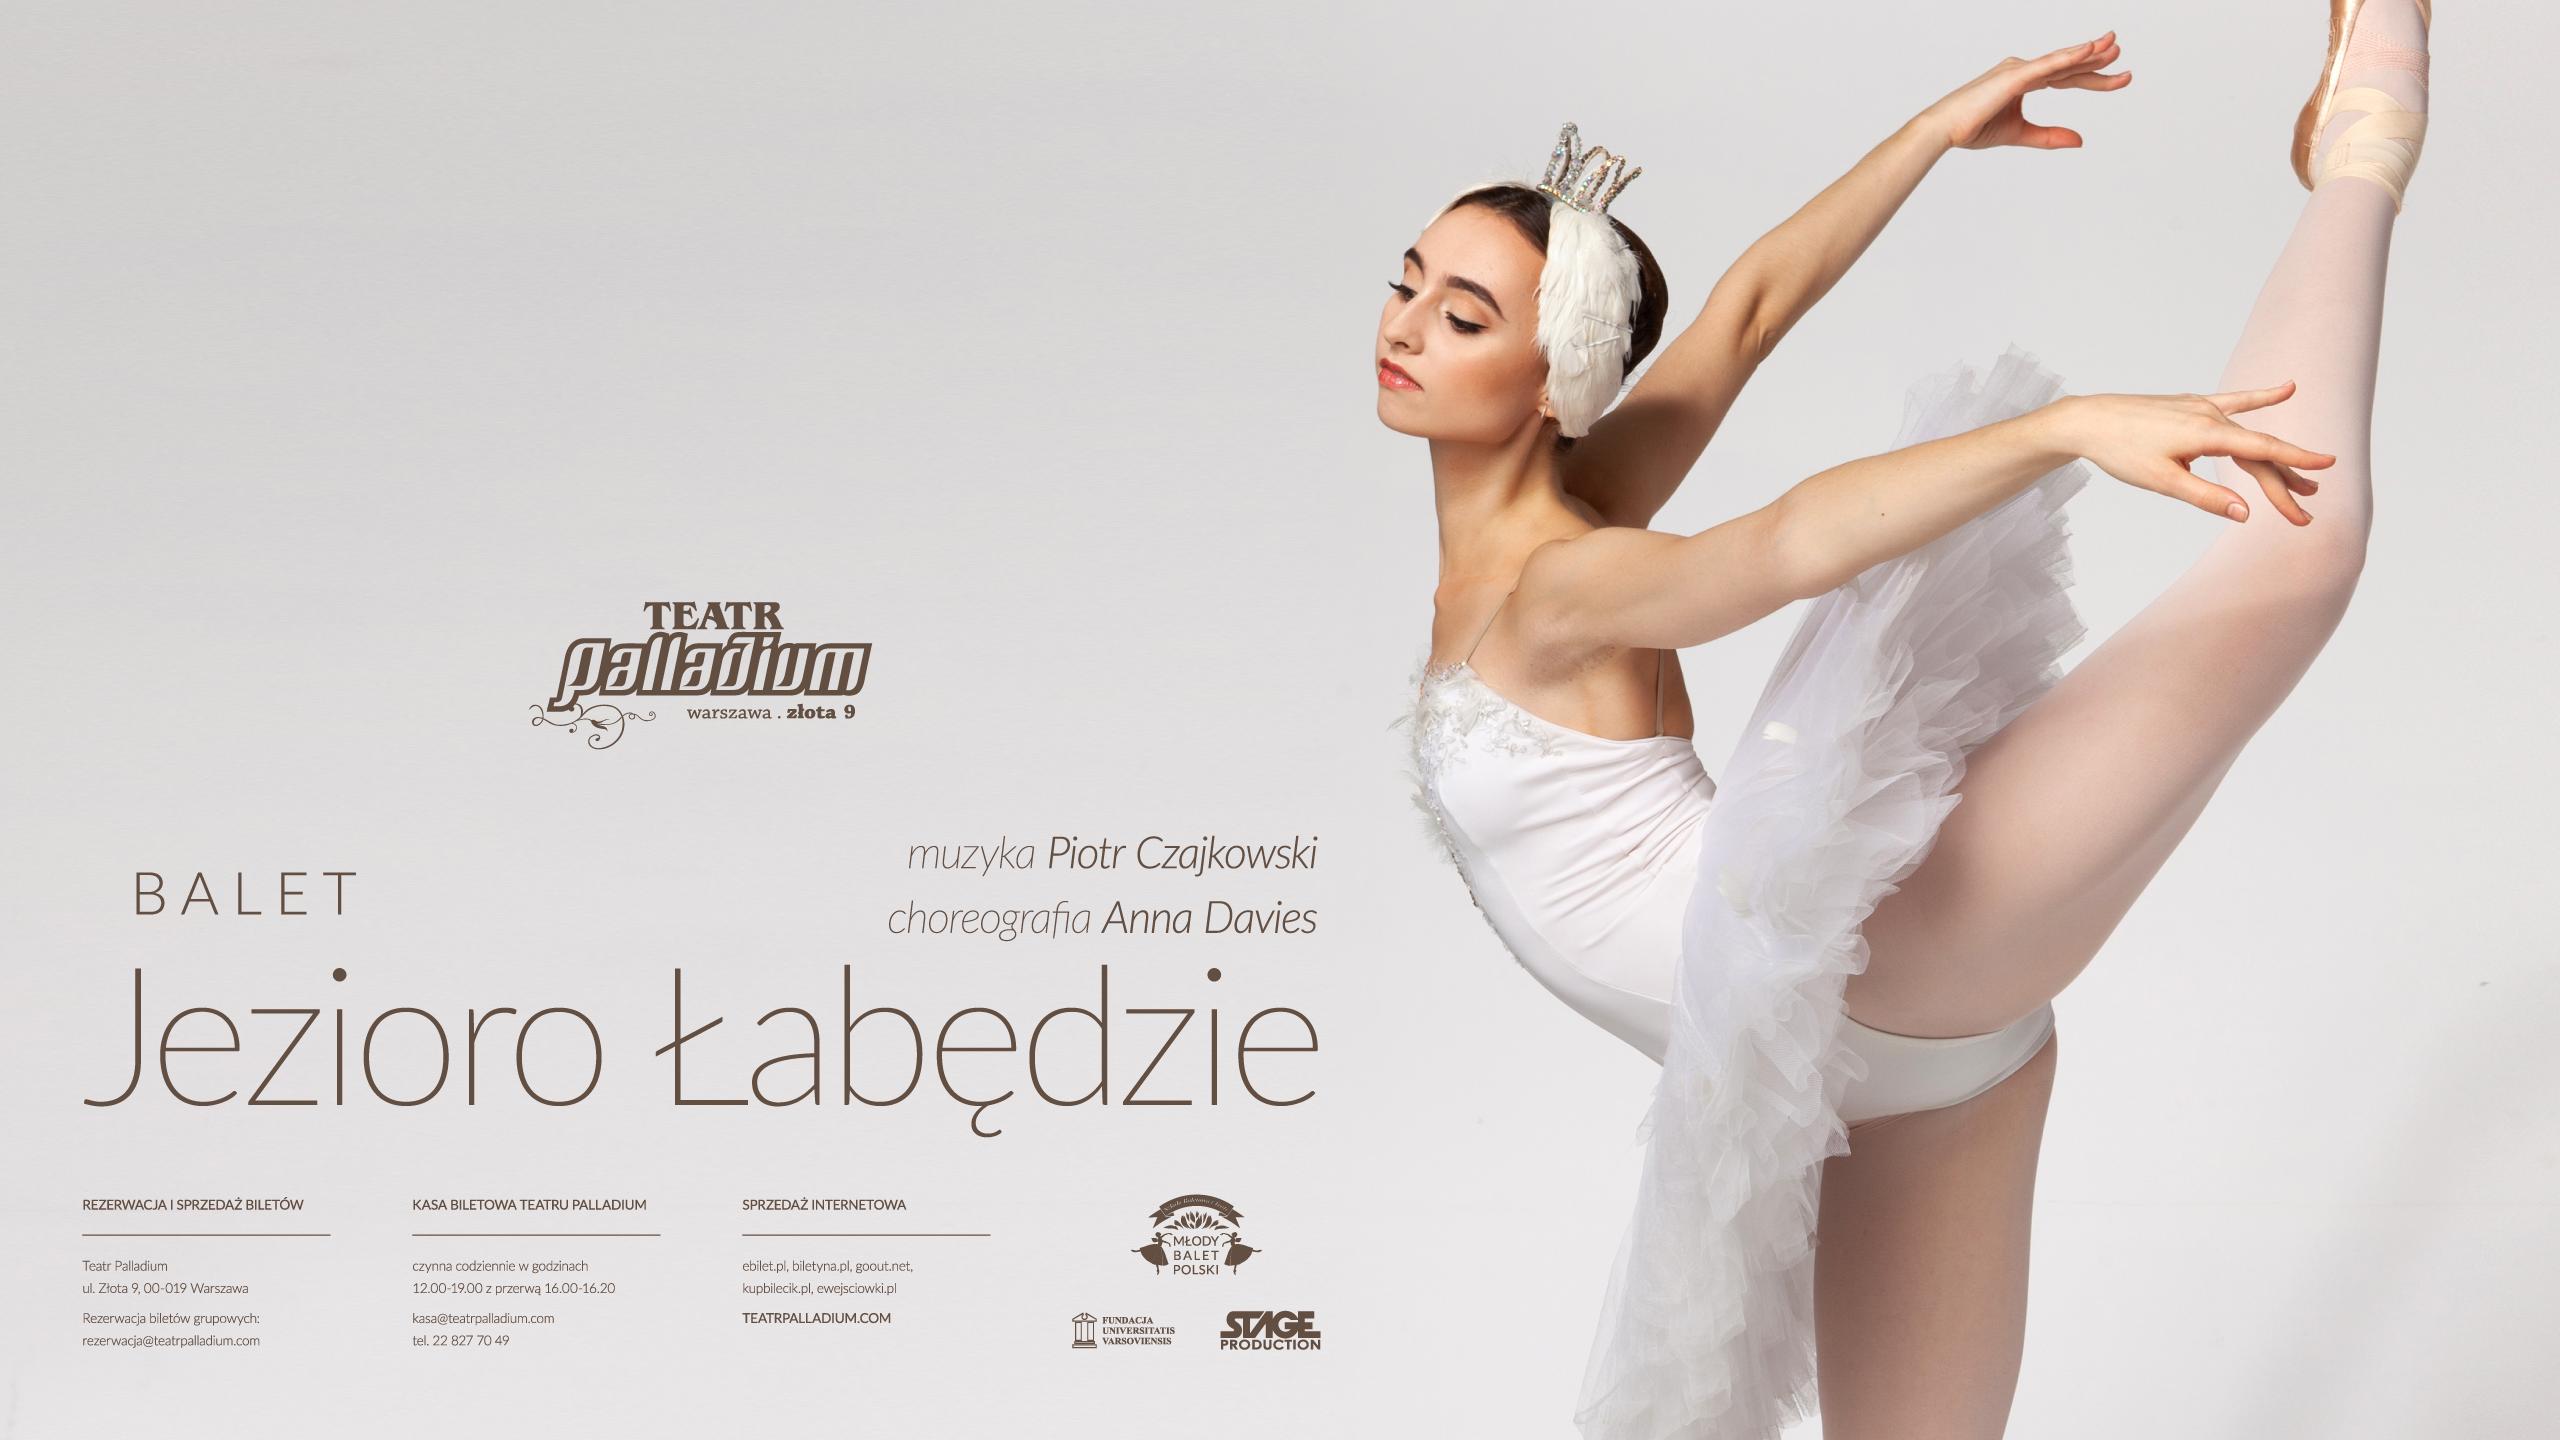 najnowszy 2018 buty podgląd Balet JEZIORO ŁABĘDZIE - Teatr Palladium